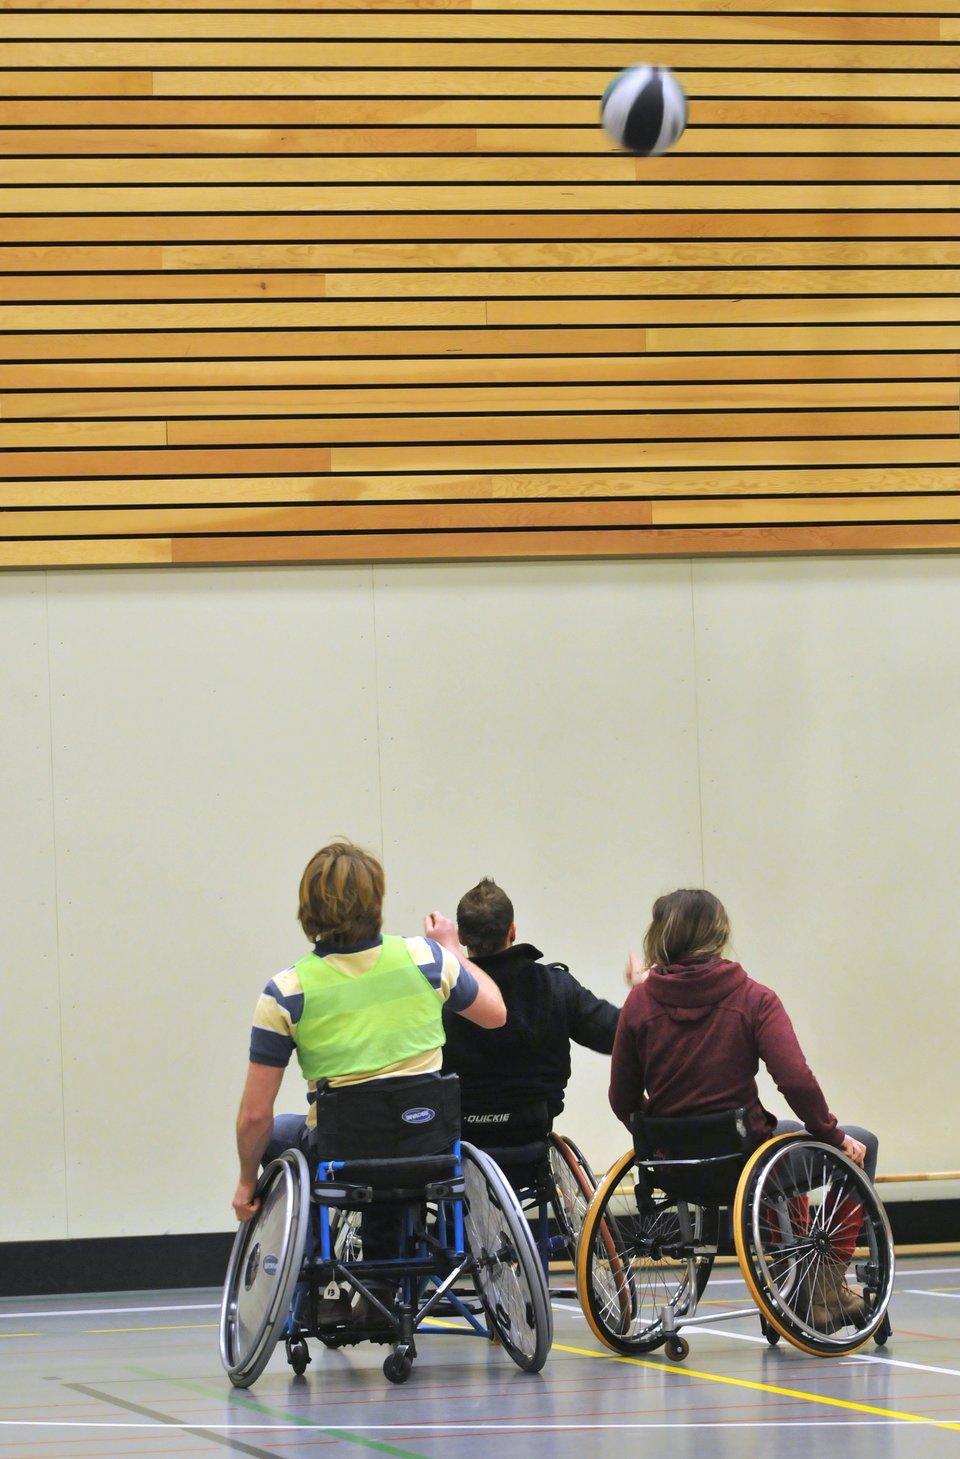 Fotografia przedstawia sytuację podczas meczu koszykówki rozgrywanego przez zawodników na wózkach inwalidzkich. Każdy ztrzech zawodników przedstawionych na zdjęciu spogląda za podrzuconą do góry piłką, trwając wgotowości do jej przechwycenia.